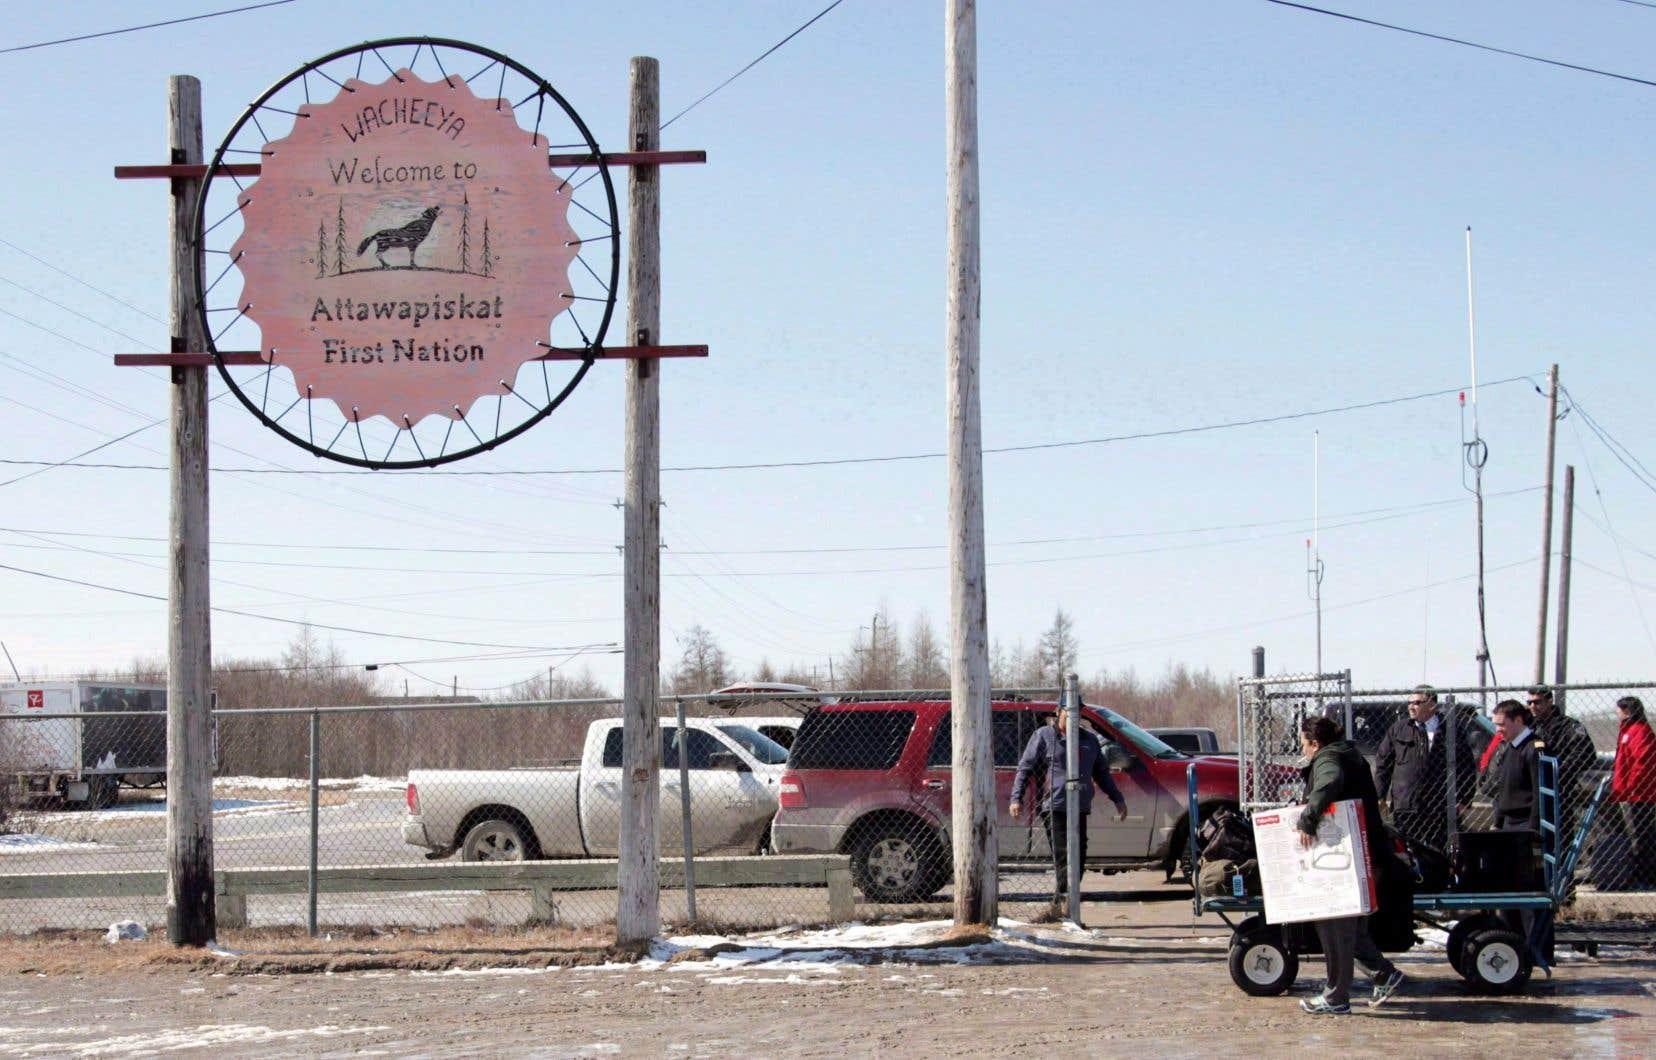 La communauté d'Attawapiskat est située dans le nord de l'Ontario.